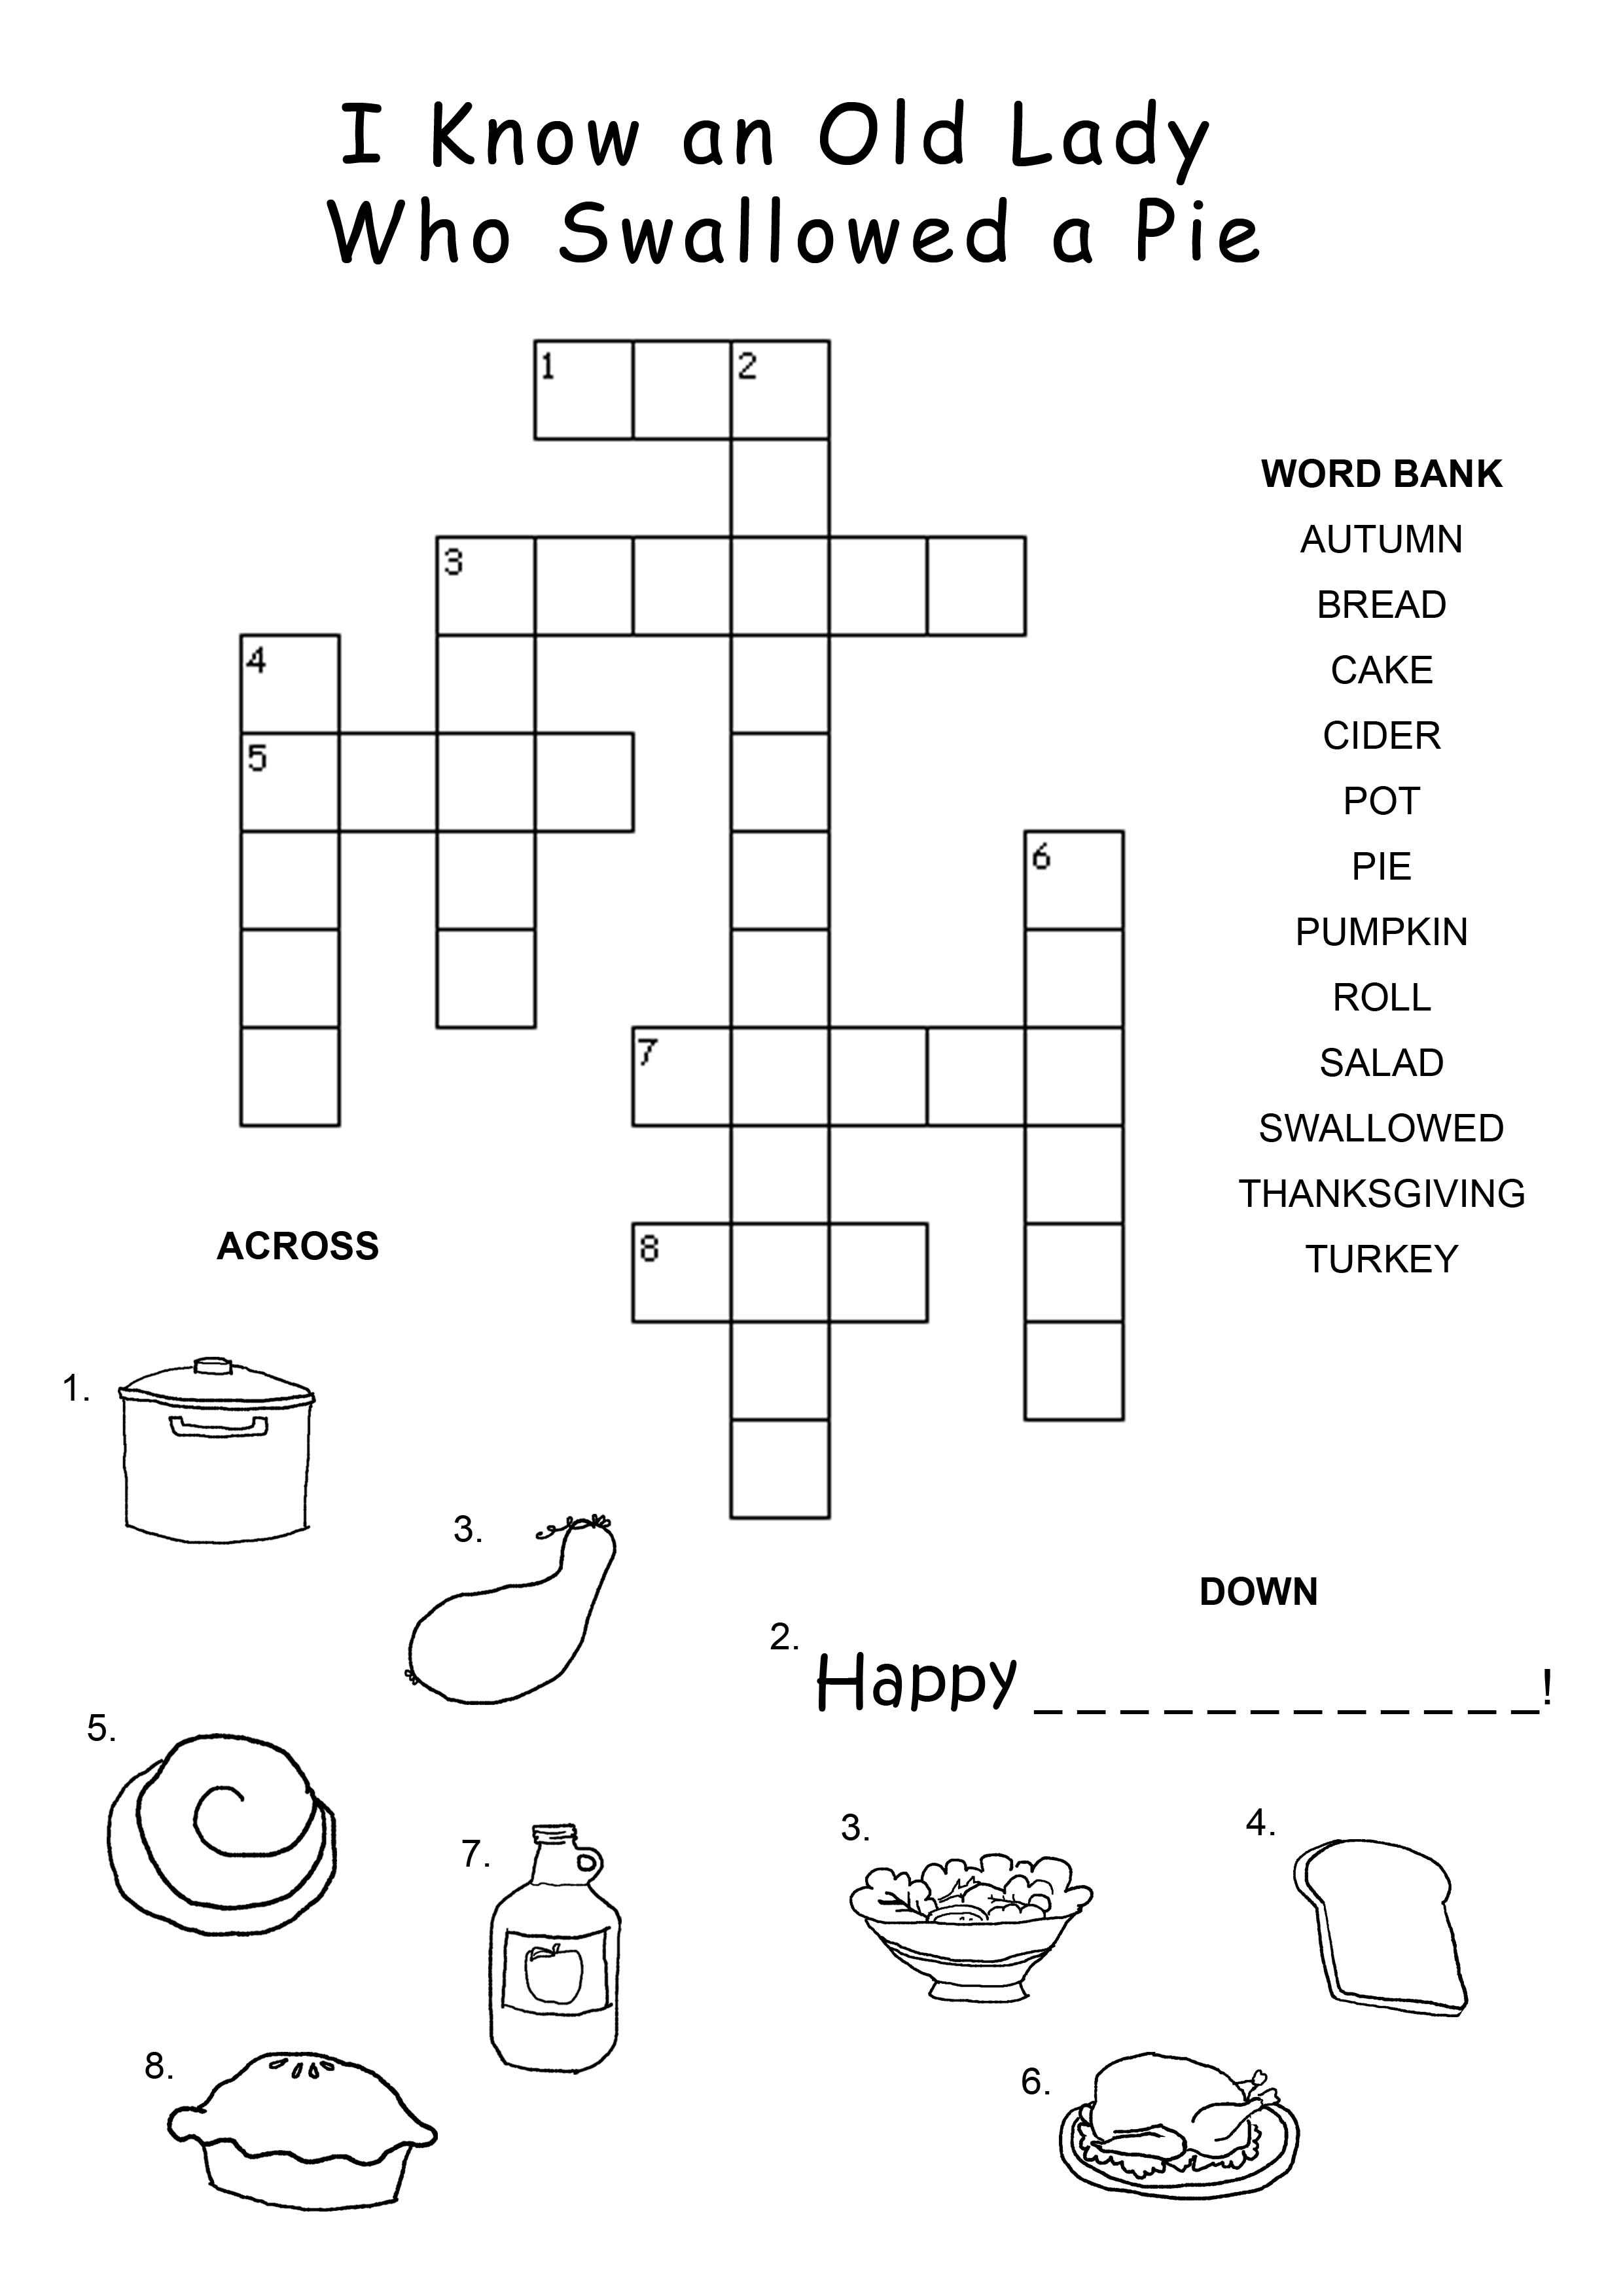 Easy Animal Crossword Puzzles Crossword puzzle: